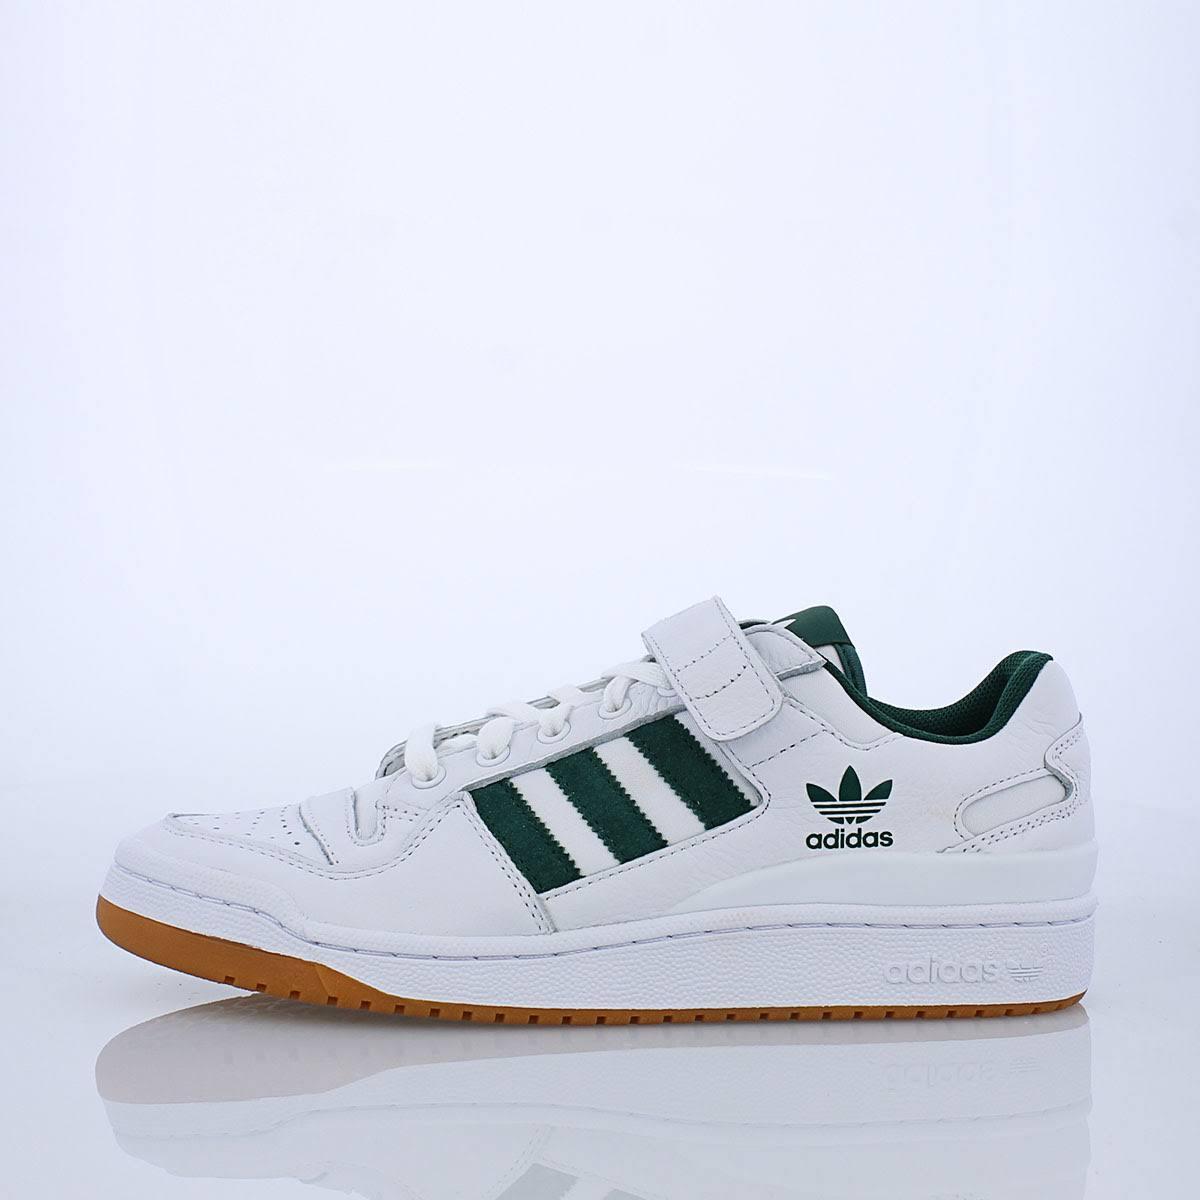 Gum Cloud Low Hombre Adidas White Top 13 Shoes Forum 0PqCXxzw